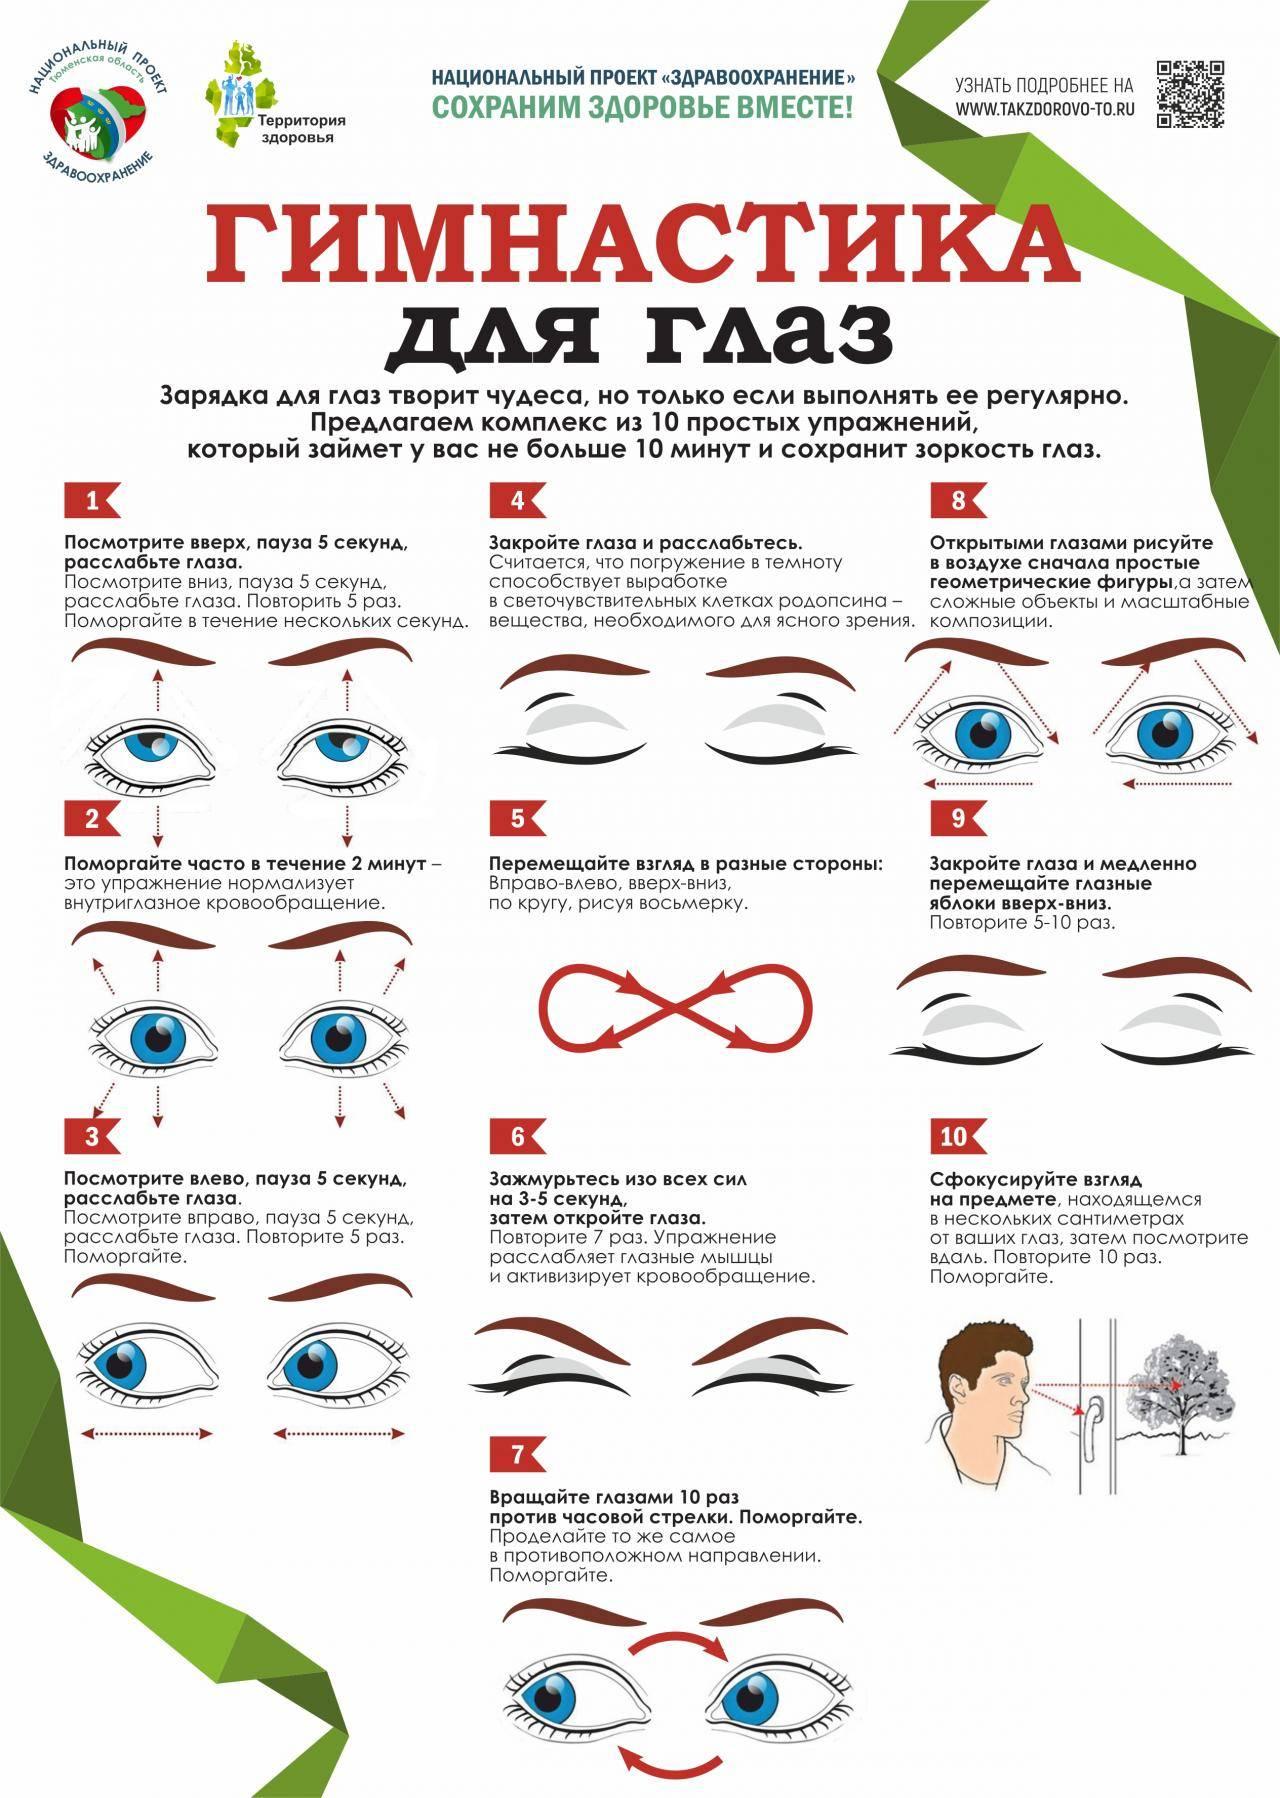 Эффективные упражнения для глаз при работе на компьютере oculistic.ru эффективные упражнения для глаз при работе на компьютере